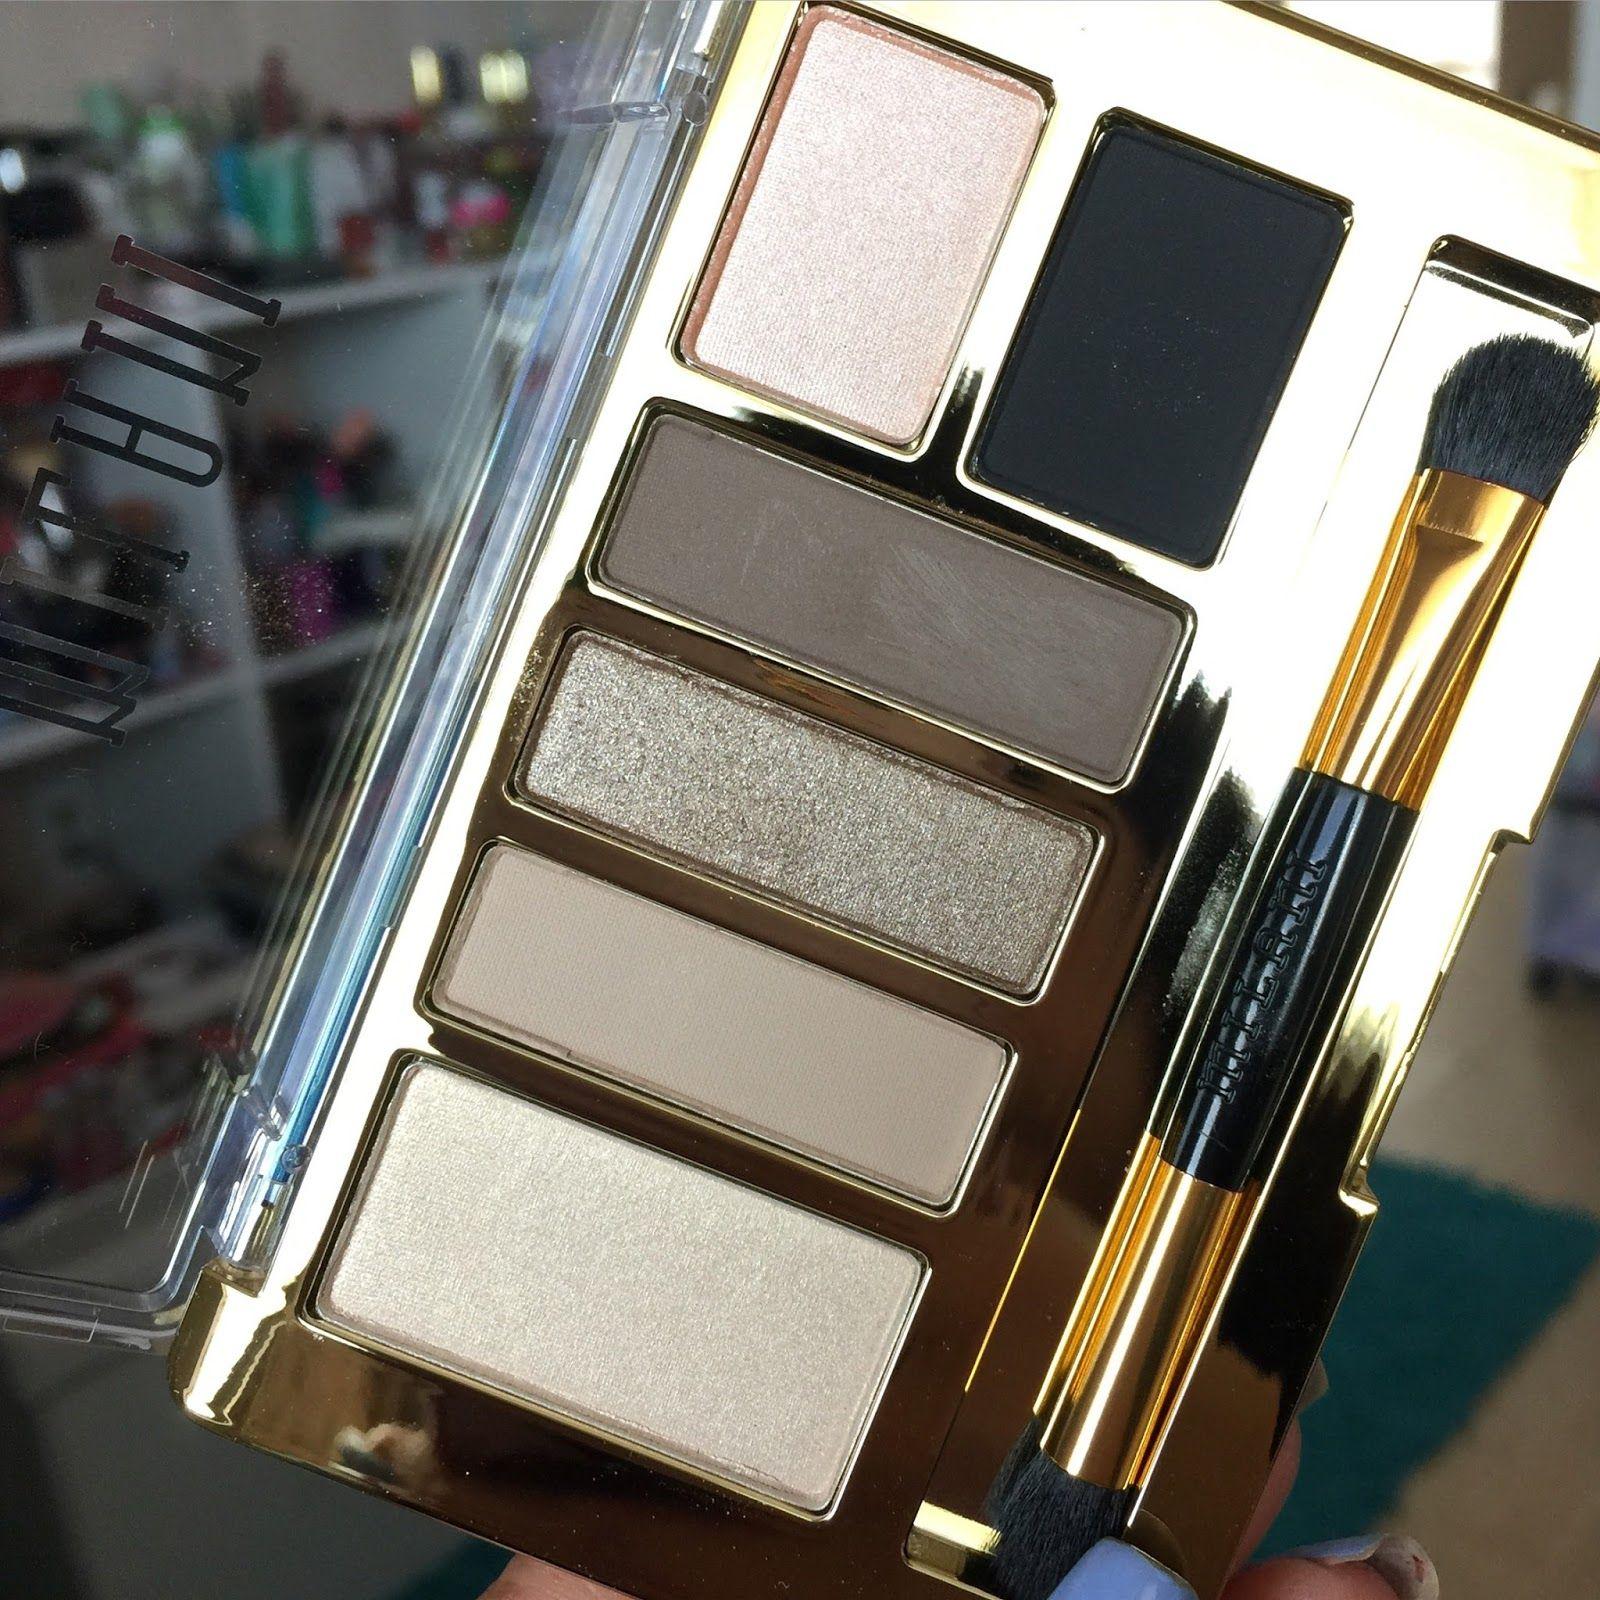 Milani Everyday Eyes Eyeshadow Palette in Must Have